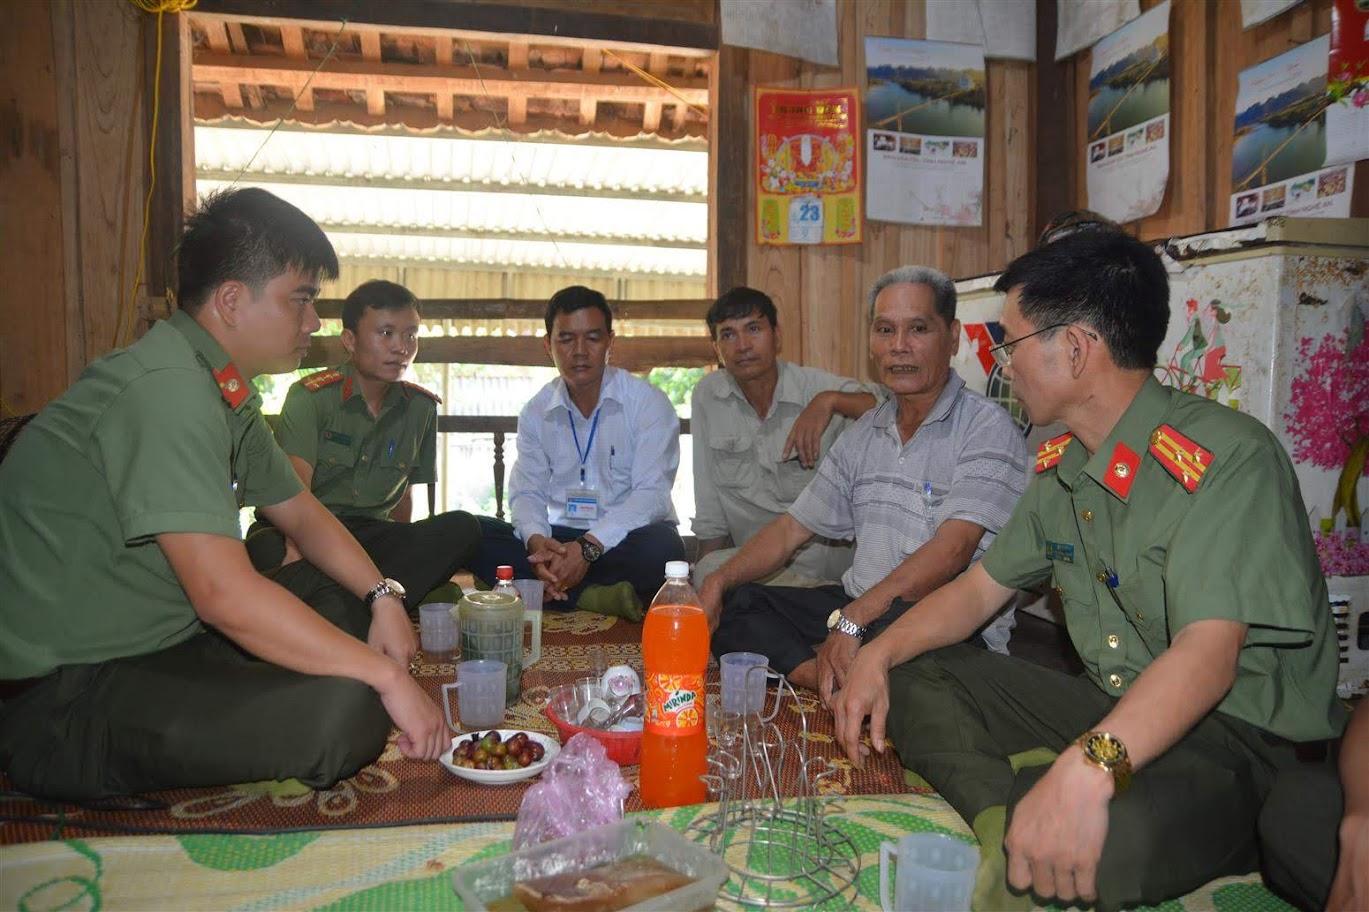 Lãnh đạo 02 đơn vị và chính quyền xã Mường Nọc thăm hỏi sức khỏe và trò chuyện động viên thương binh Lương Quốc Dân, 68 tuổi, hiện sinh sống tại bản Mướng Mừn